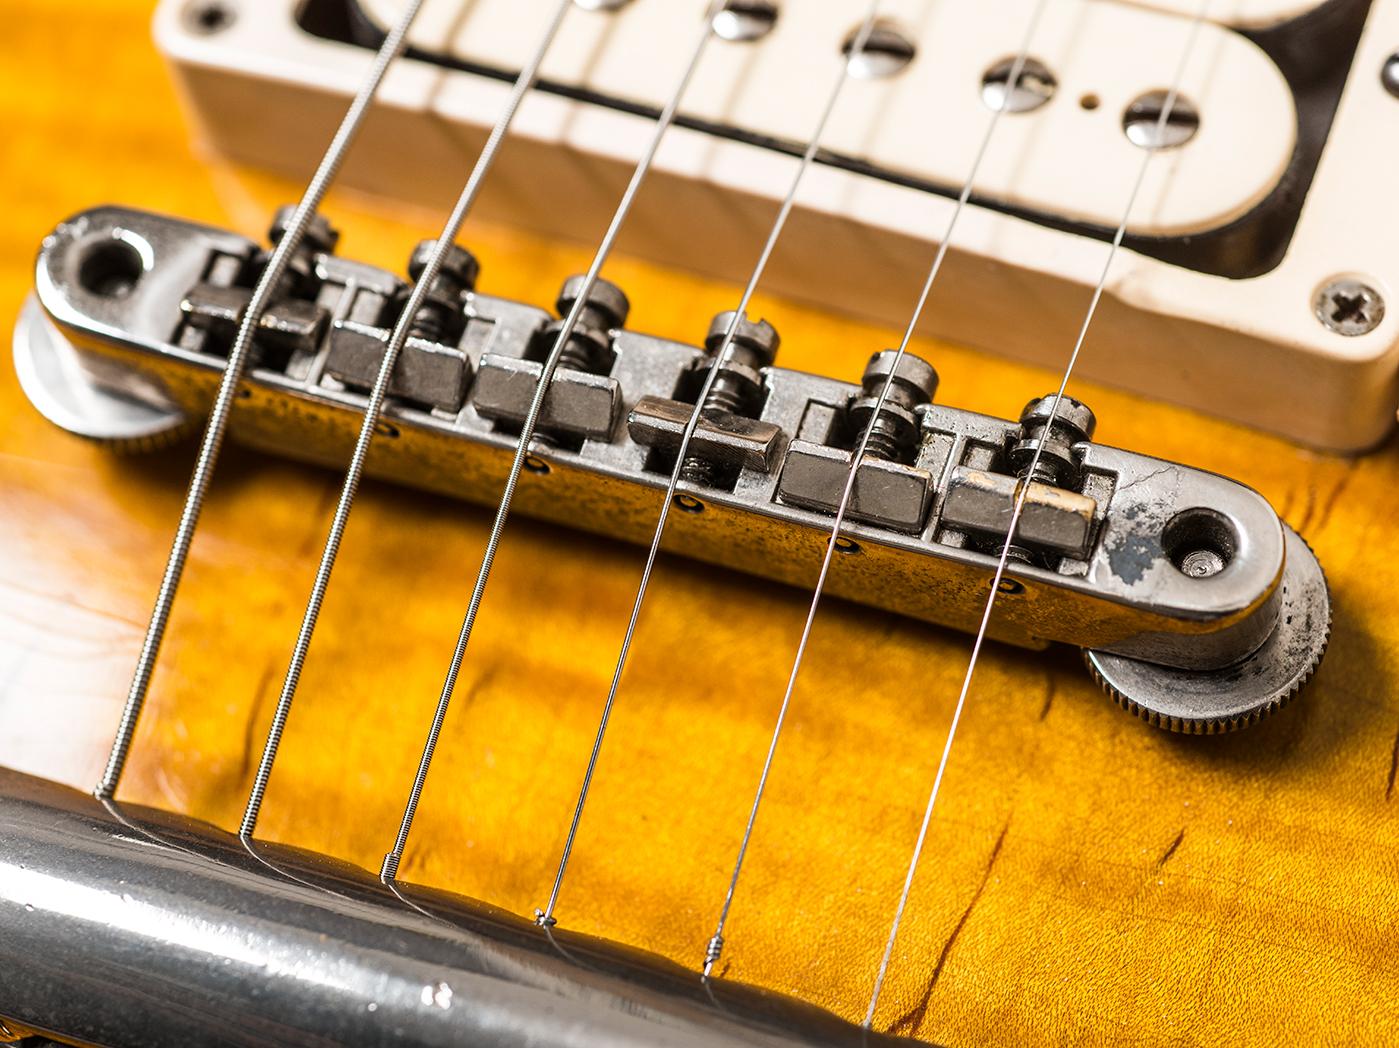 Gary Richrath 1959 Gibson Les Paul bridge